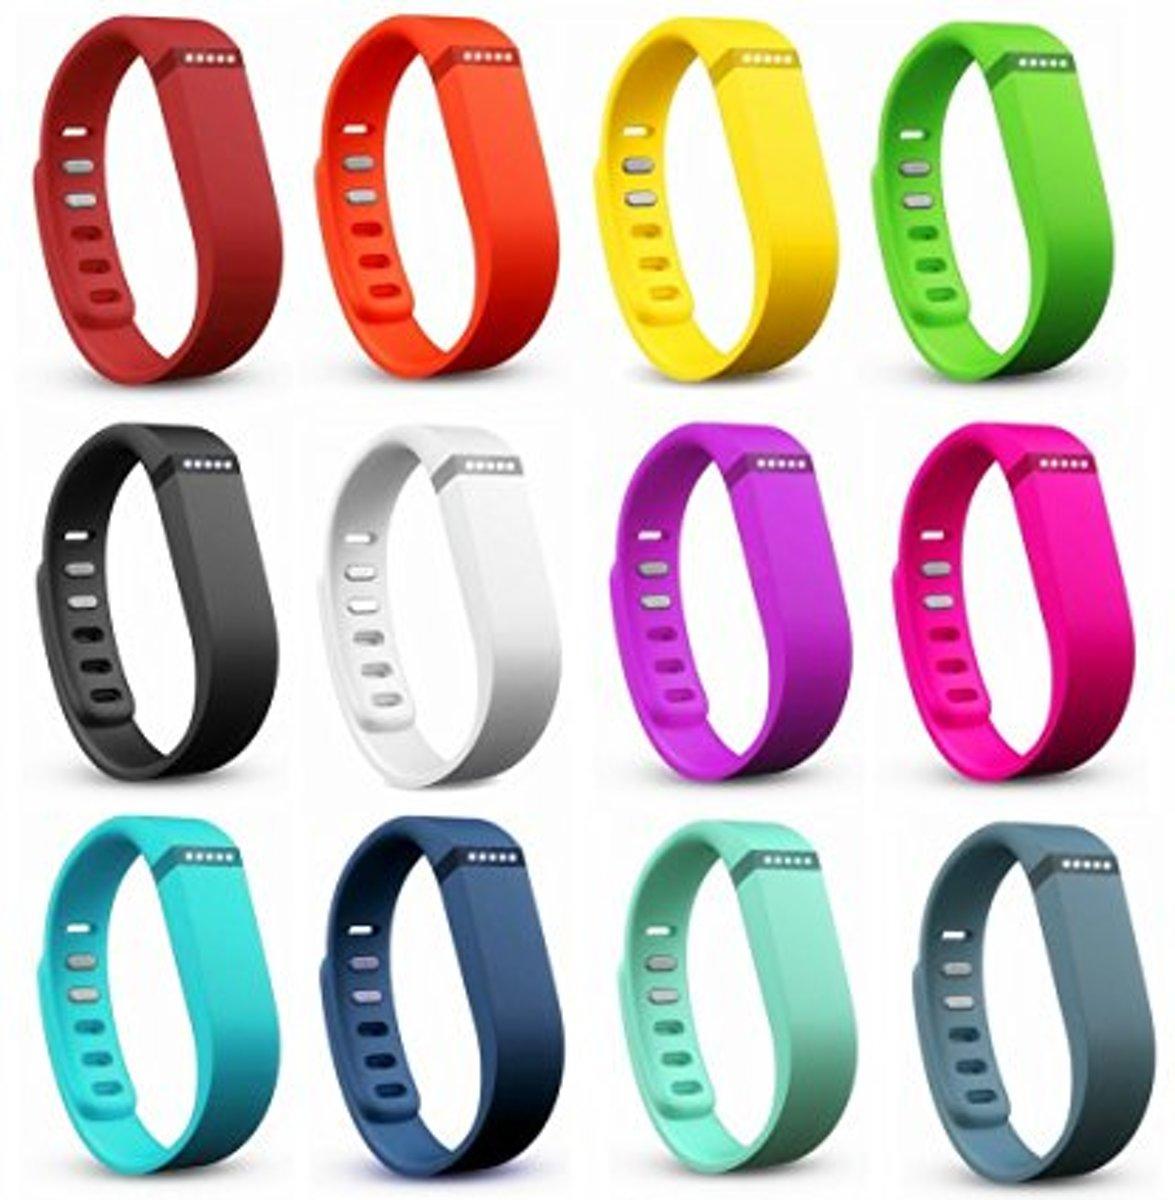 12 Stuks Super SALE TPU armband voor Fitbit Flex - Maat S kopen